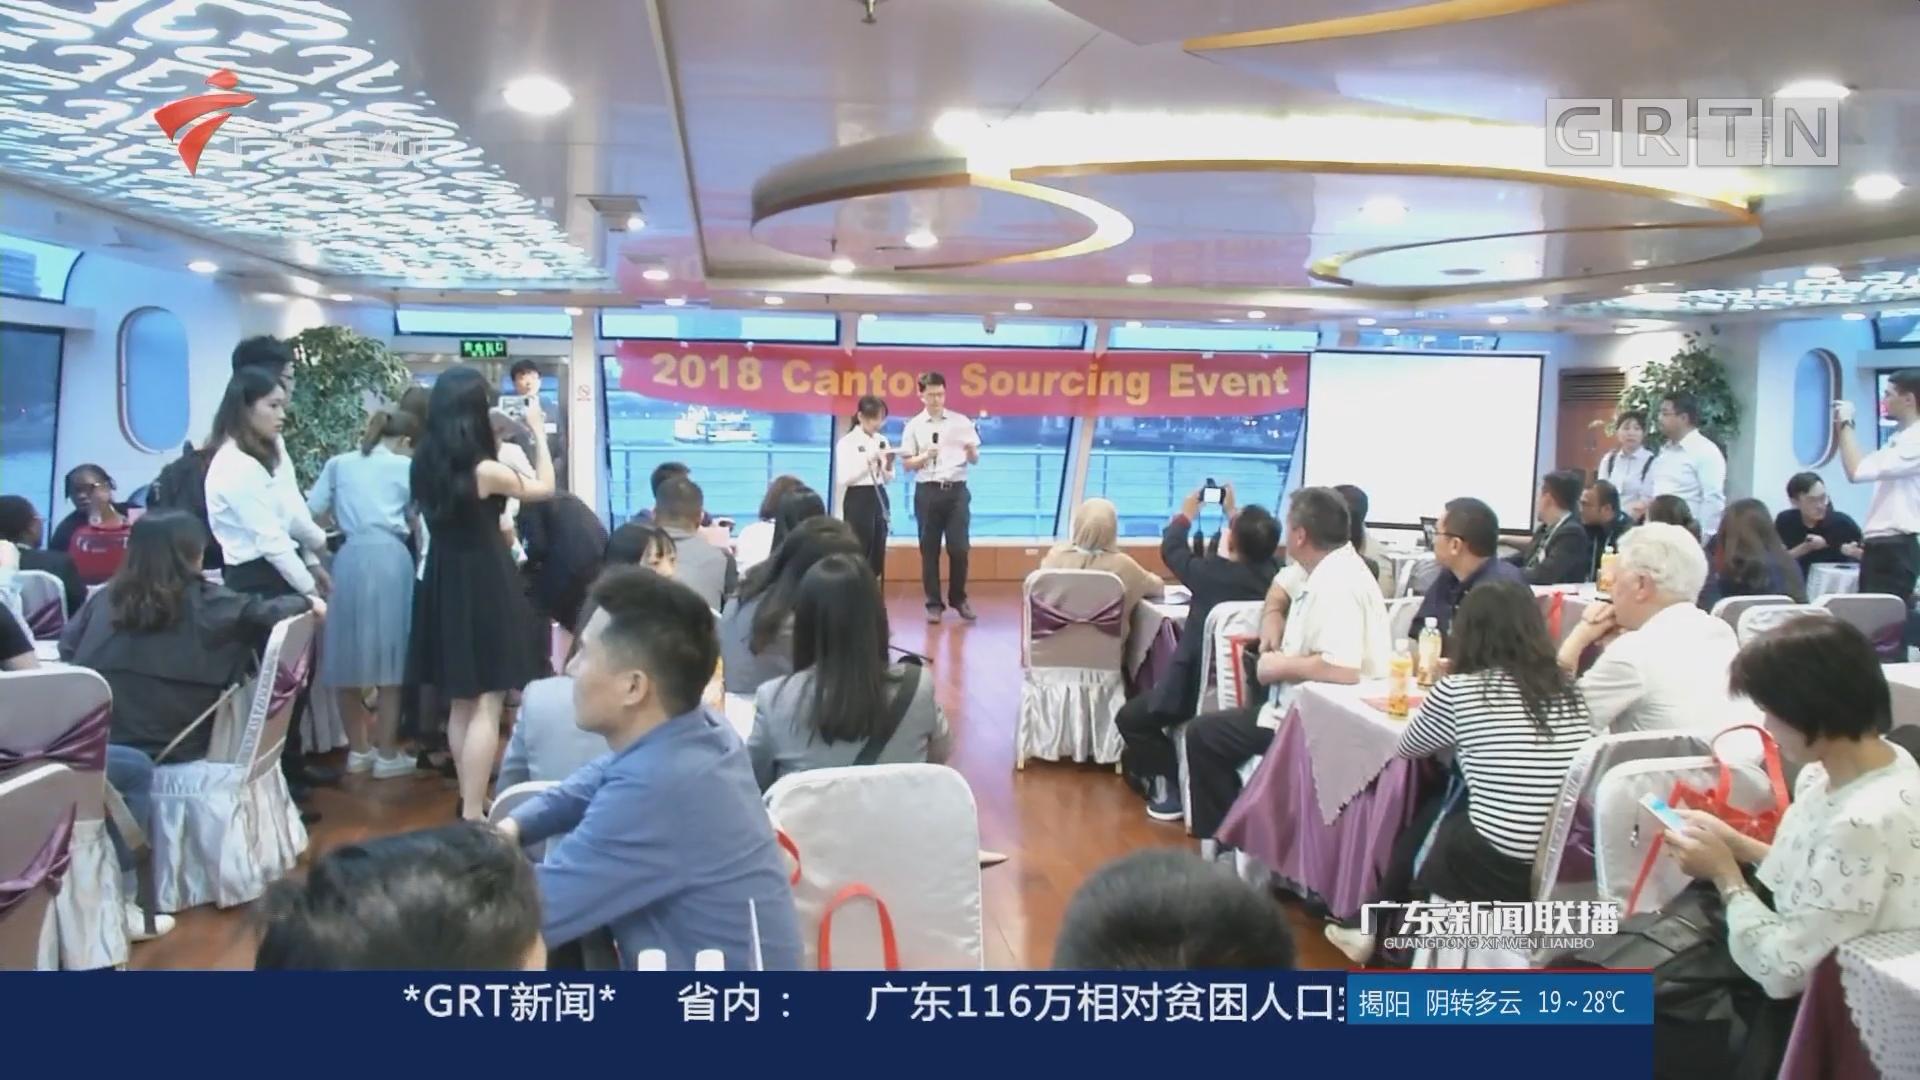 广交会:搭建中外企业交流平台 助力中国企业走出去